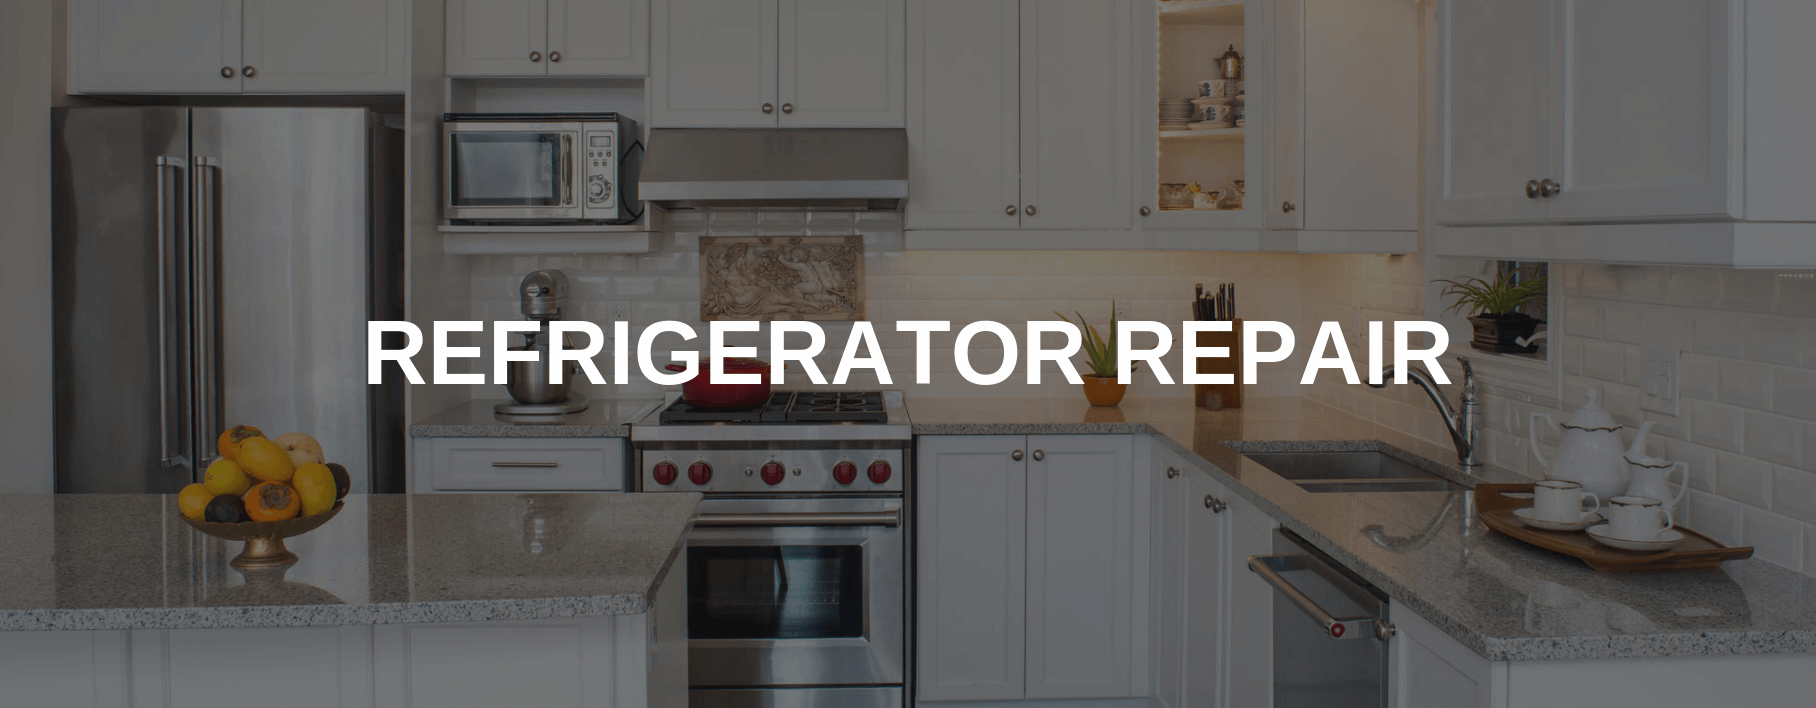 boulder refrigerator repair